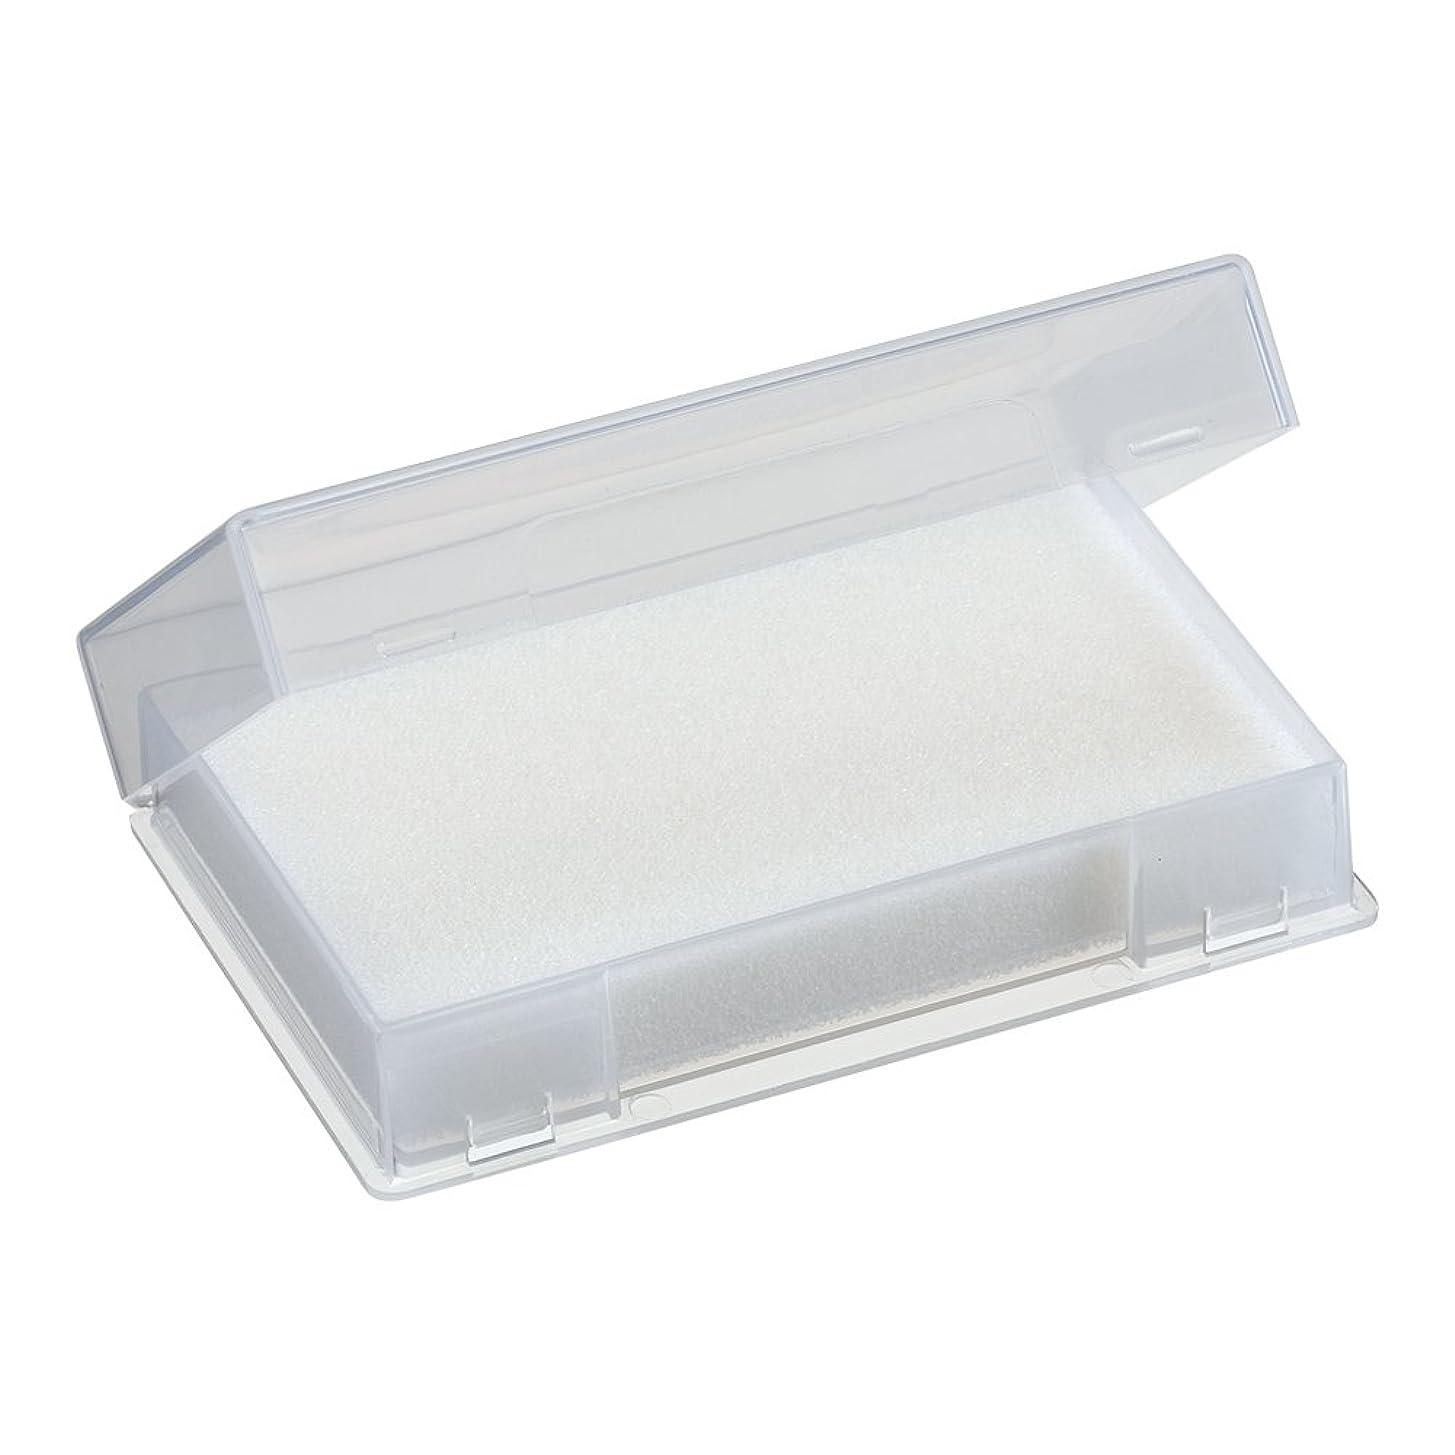 クリーク忍耐チラチラするネイルチップケース ホワイト